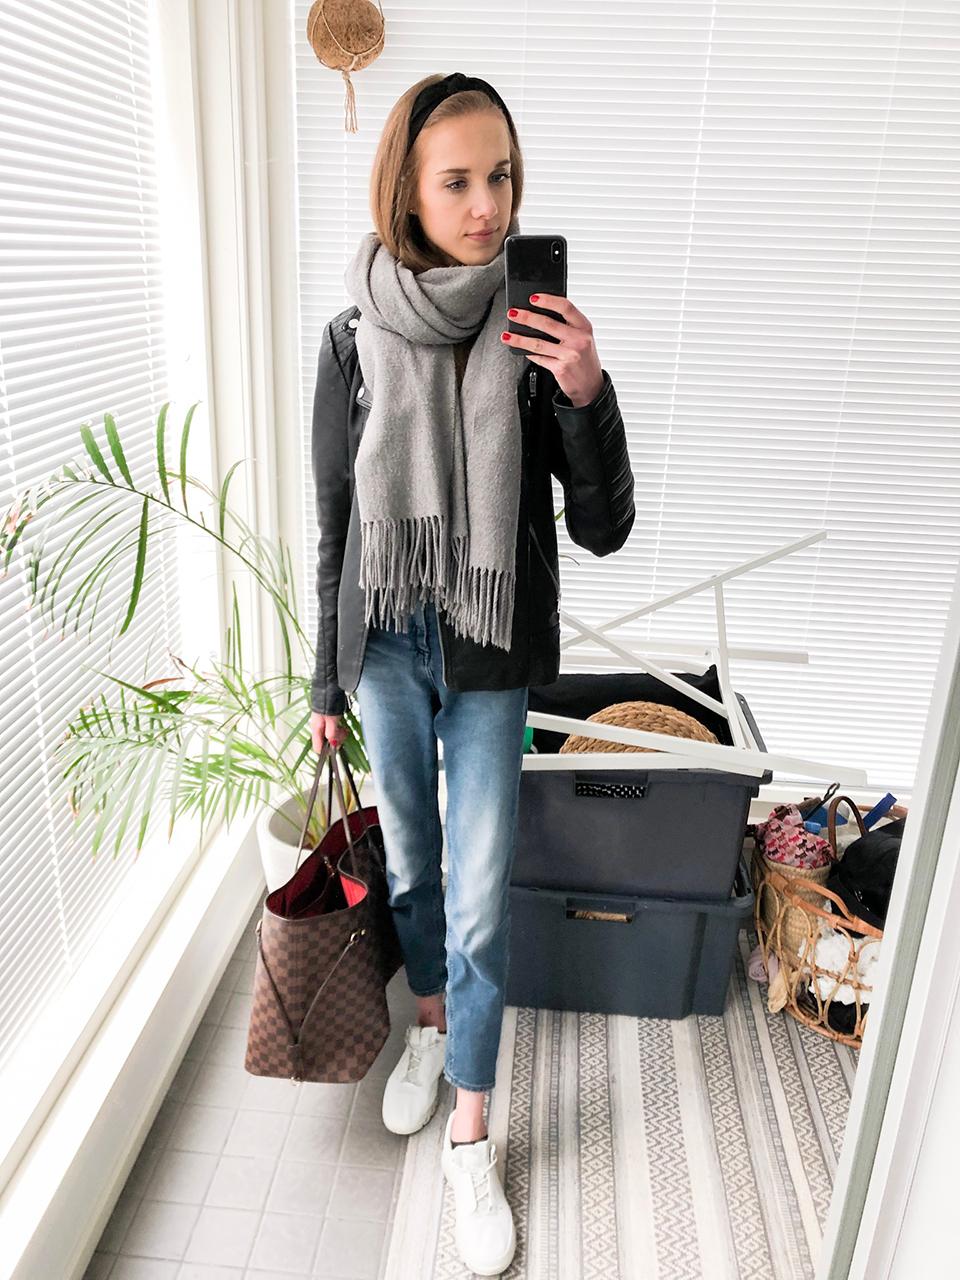 Autumn outfit with mom jeans and leather jacket - Syysasu farkkujen ja nahkatakin kanssa